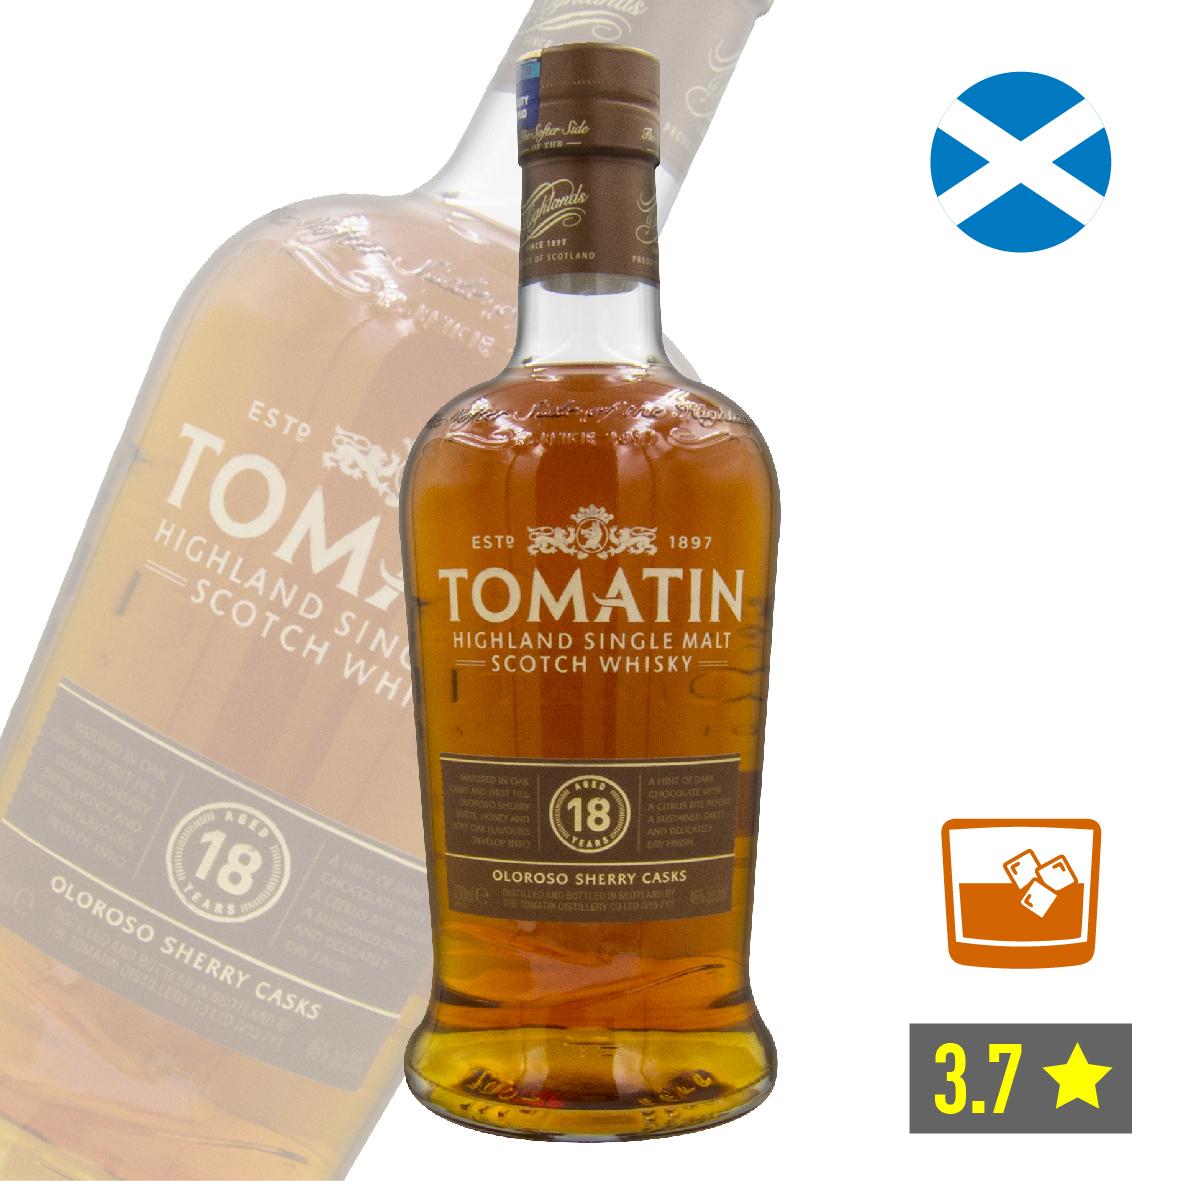 24-TOMATIN 18 YEAR(Scotland)-01.jpg